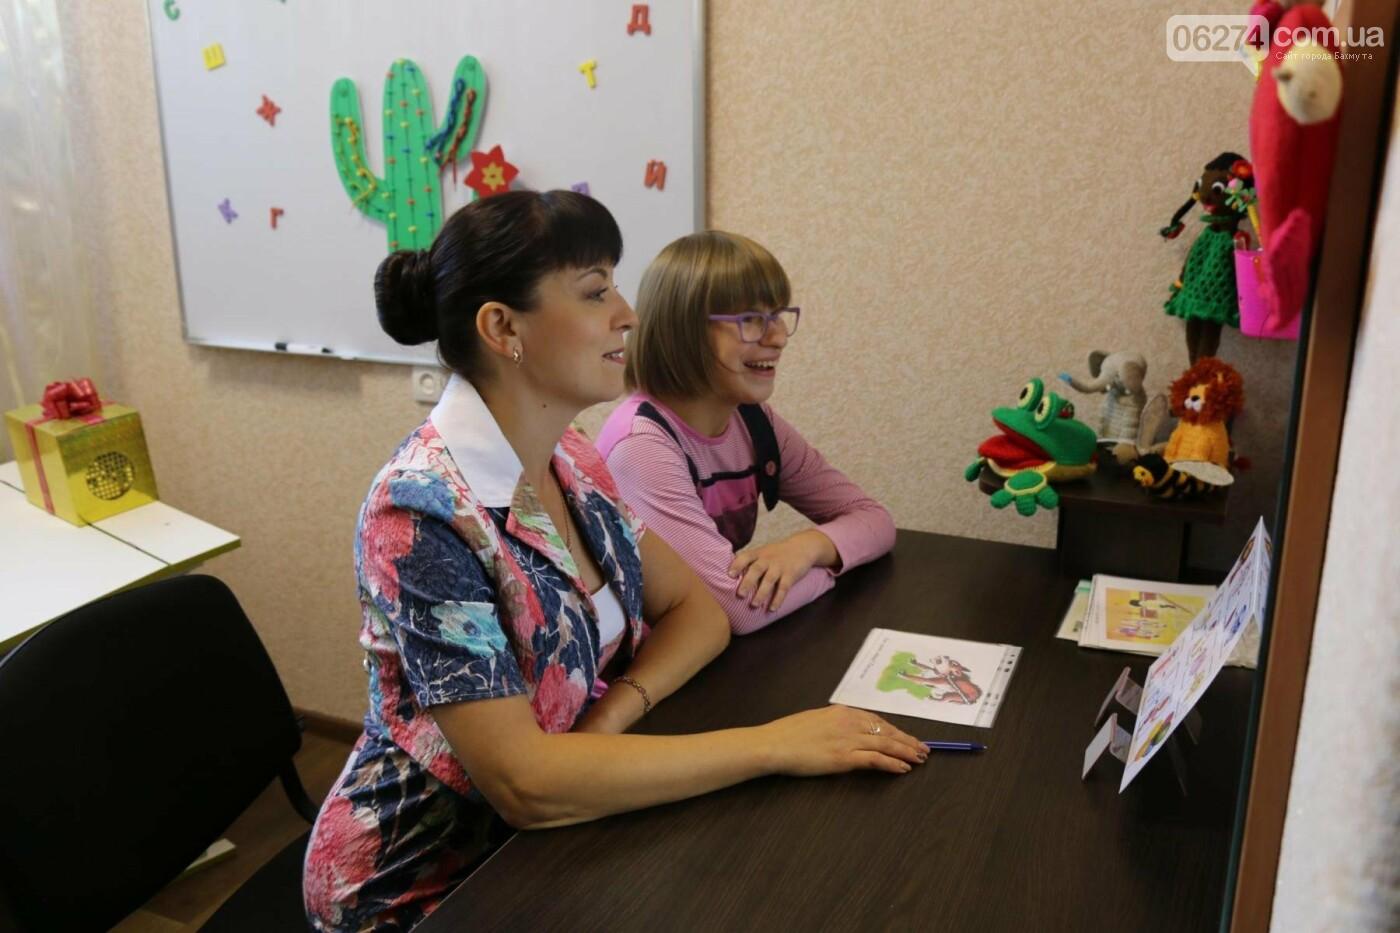 В Бахмуте открыт Инклюзивно-ресурсный центр для детей с особыми потребностями, фото-17